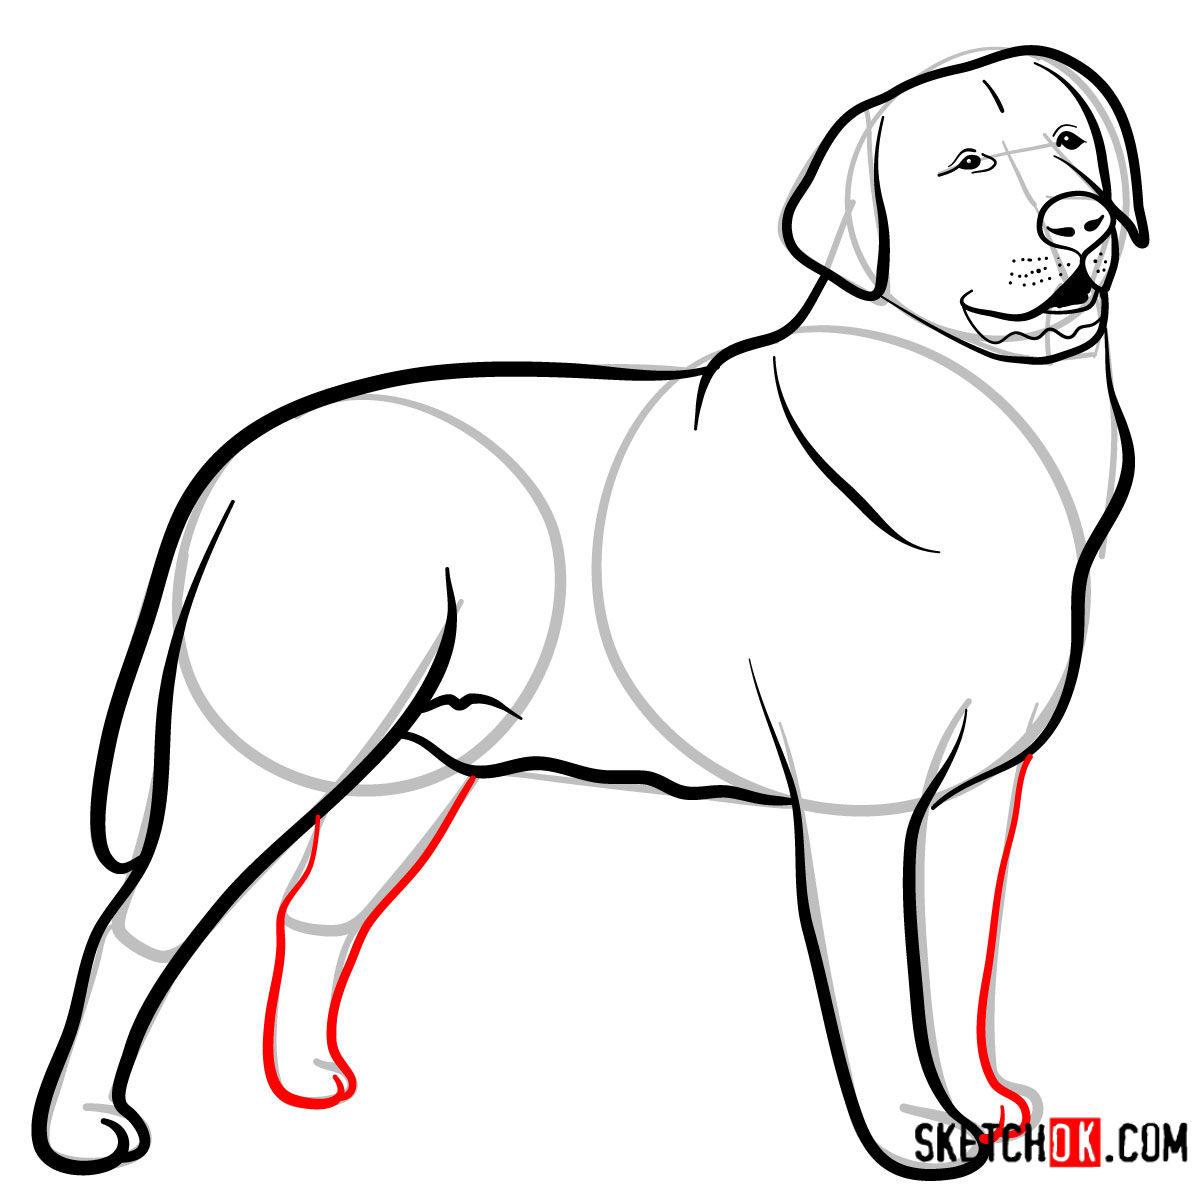 How to draw the Labrador Retriever dog - step 09